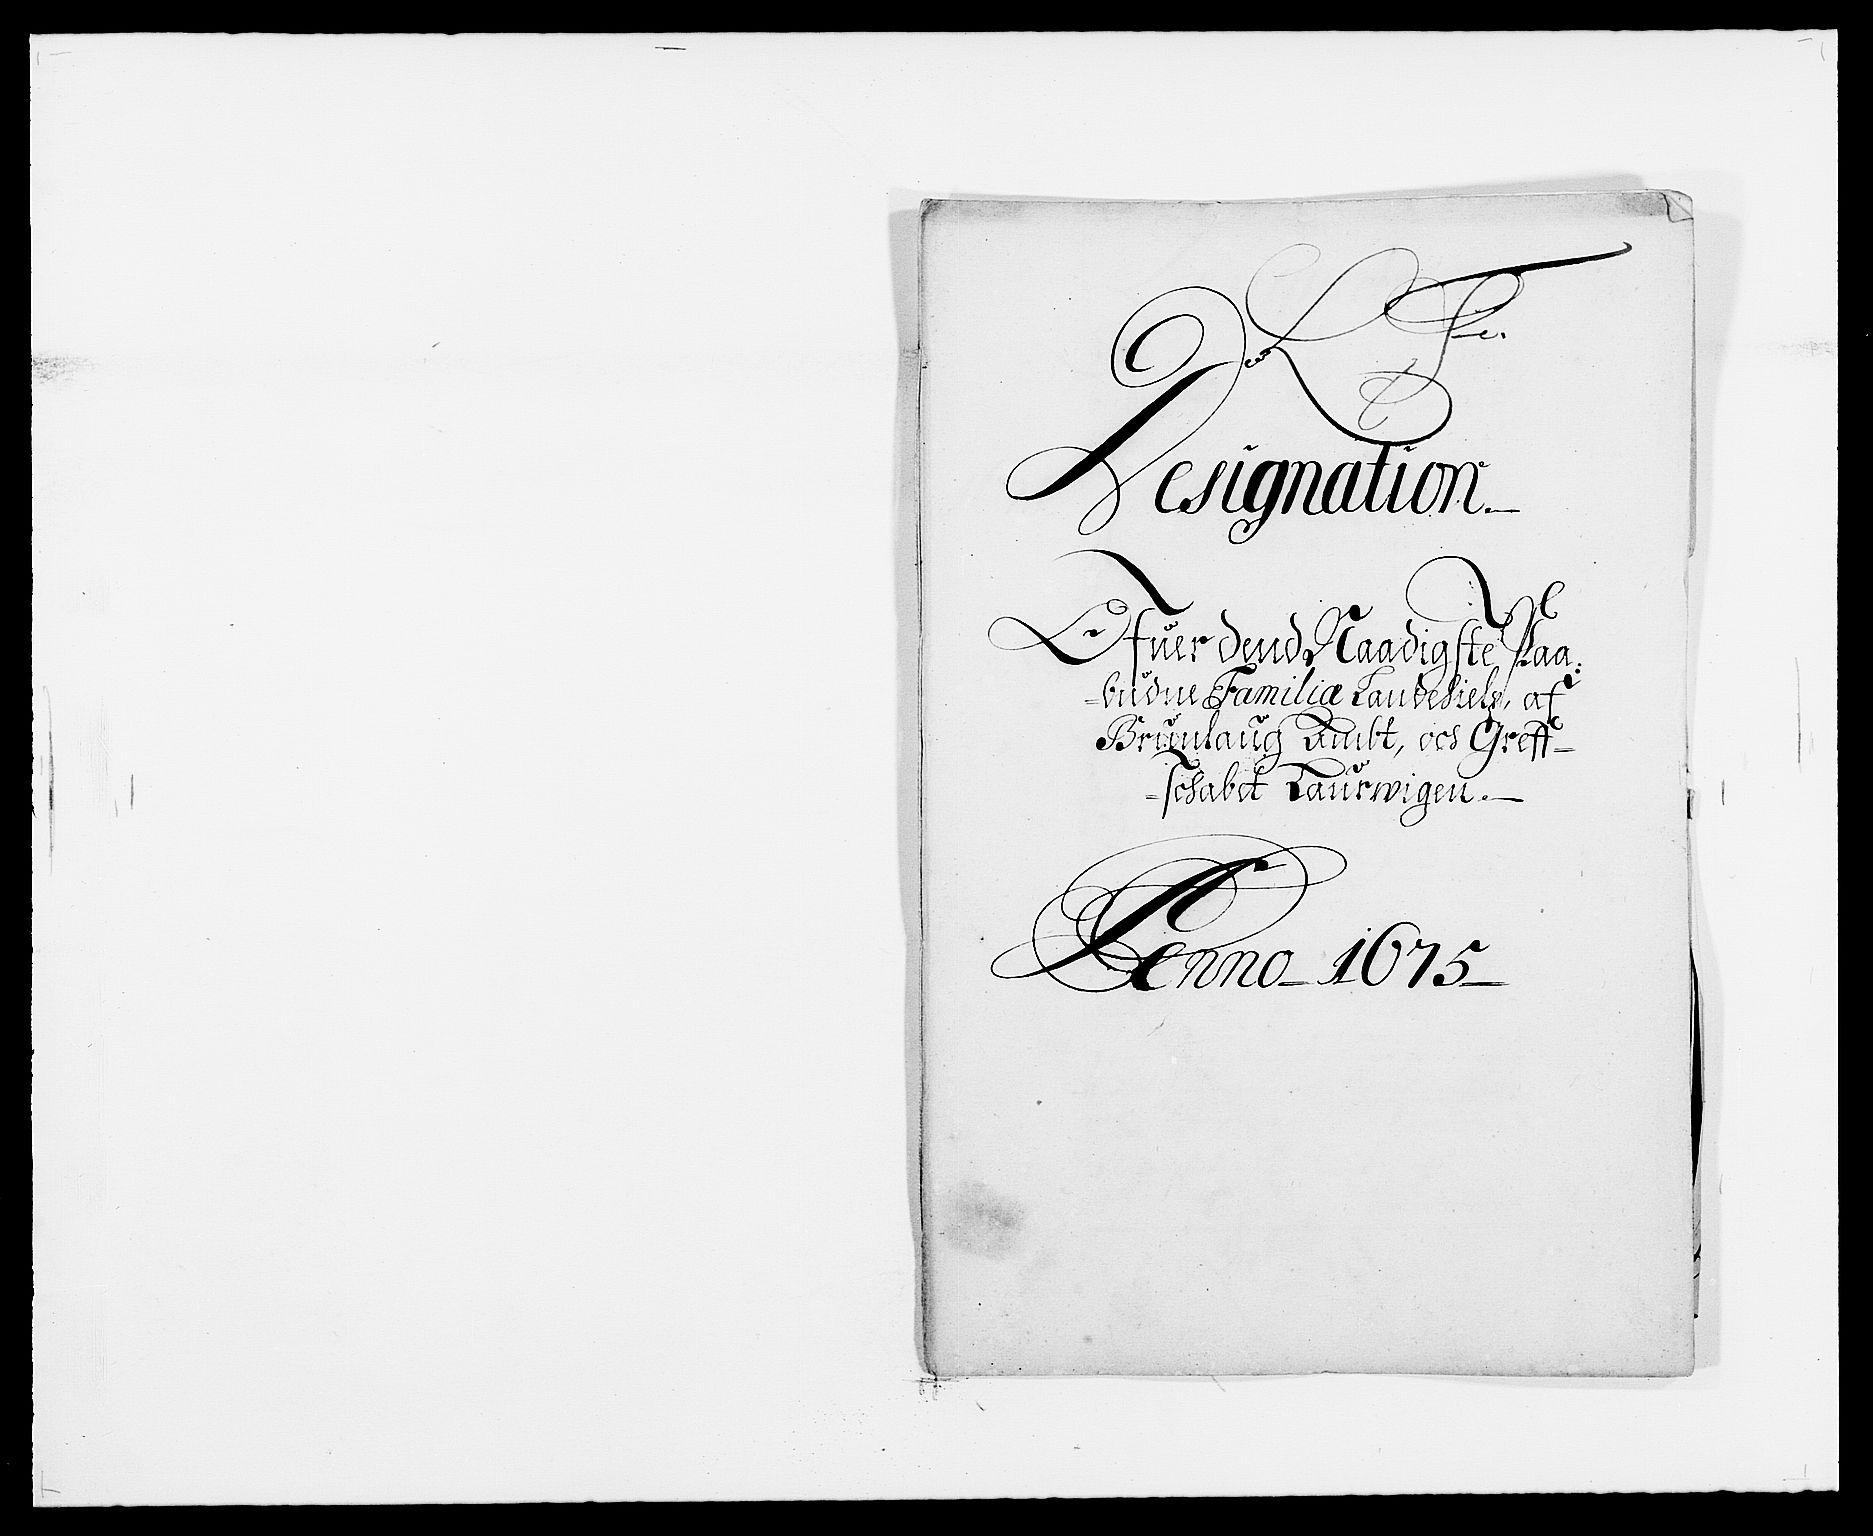 RA, Rentekammeret inntil 1814, Reviderte regnskaper, Fogderegnskap, R33/L1967: Fogderegnskap Larvik grevskap, 1675-1687, s. 220